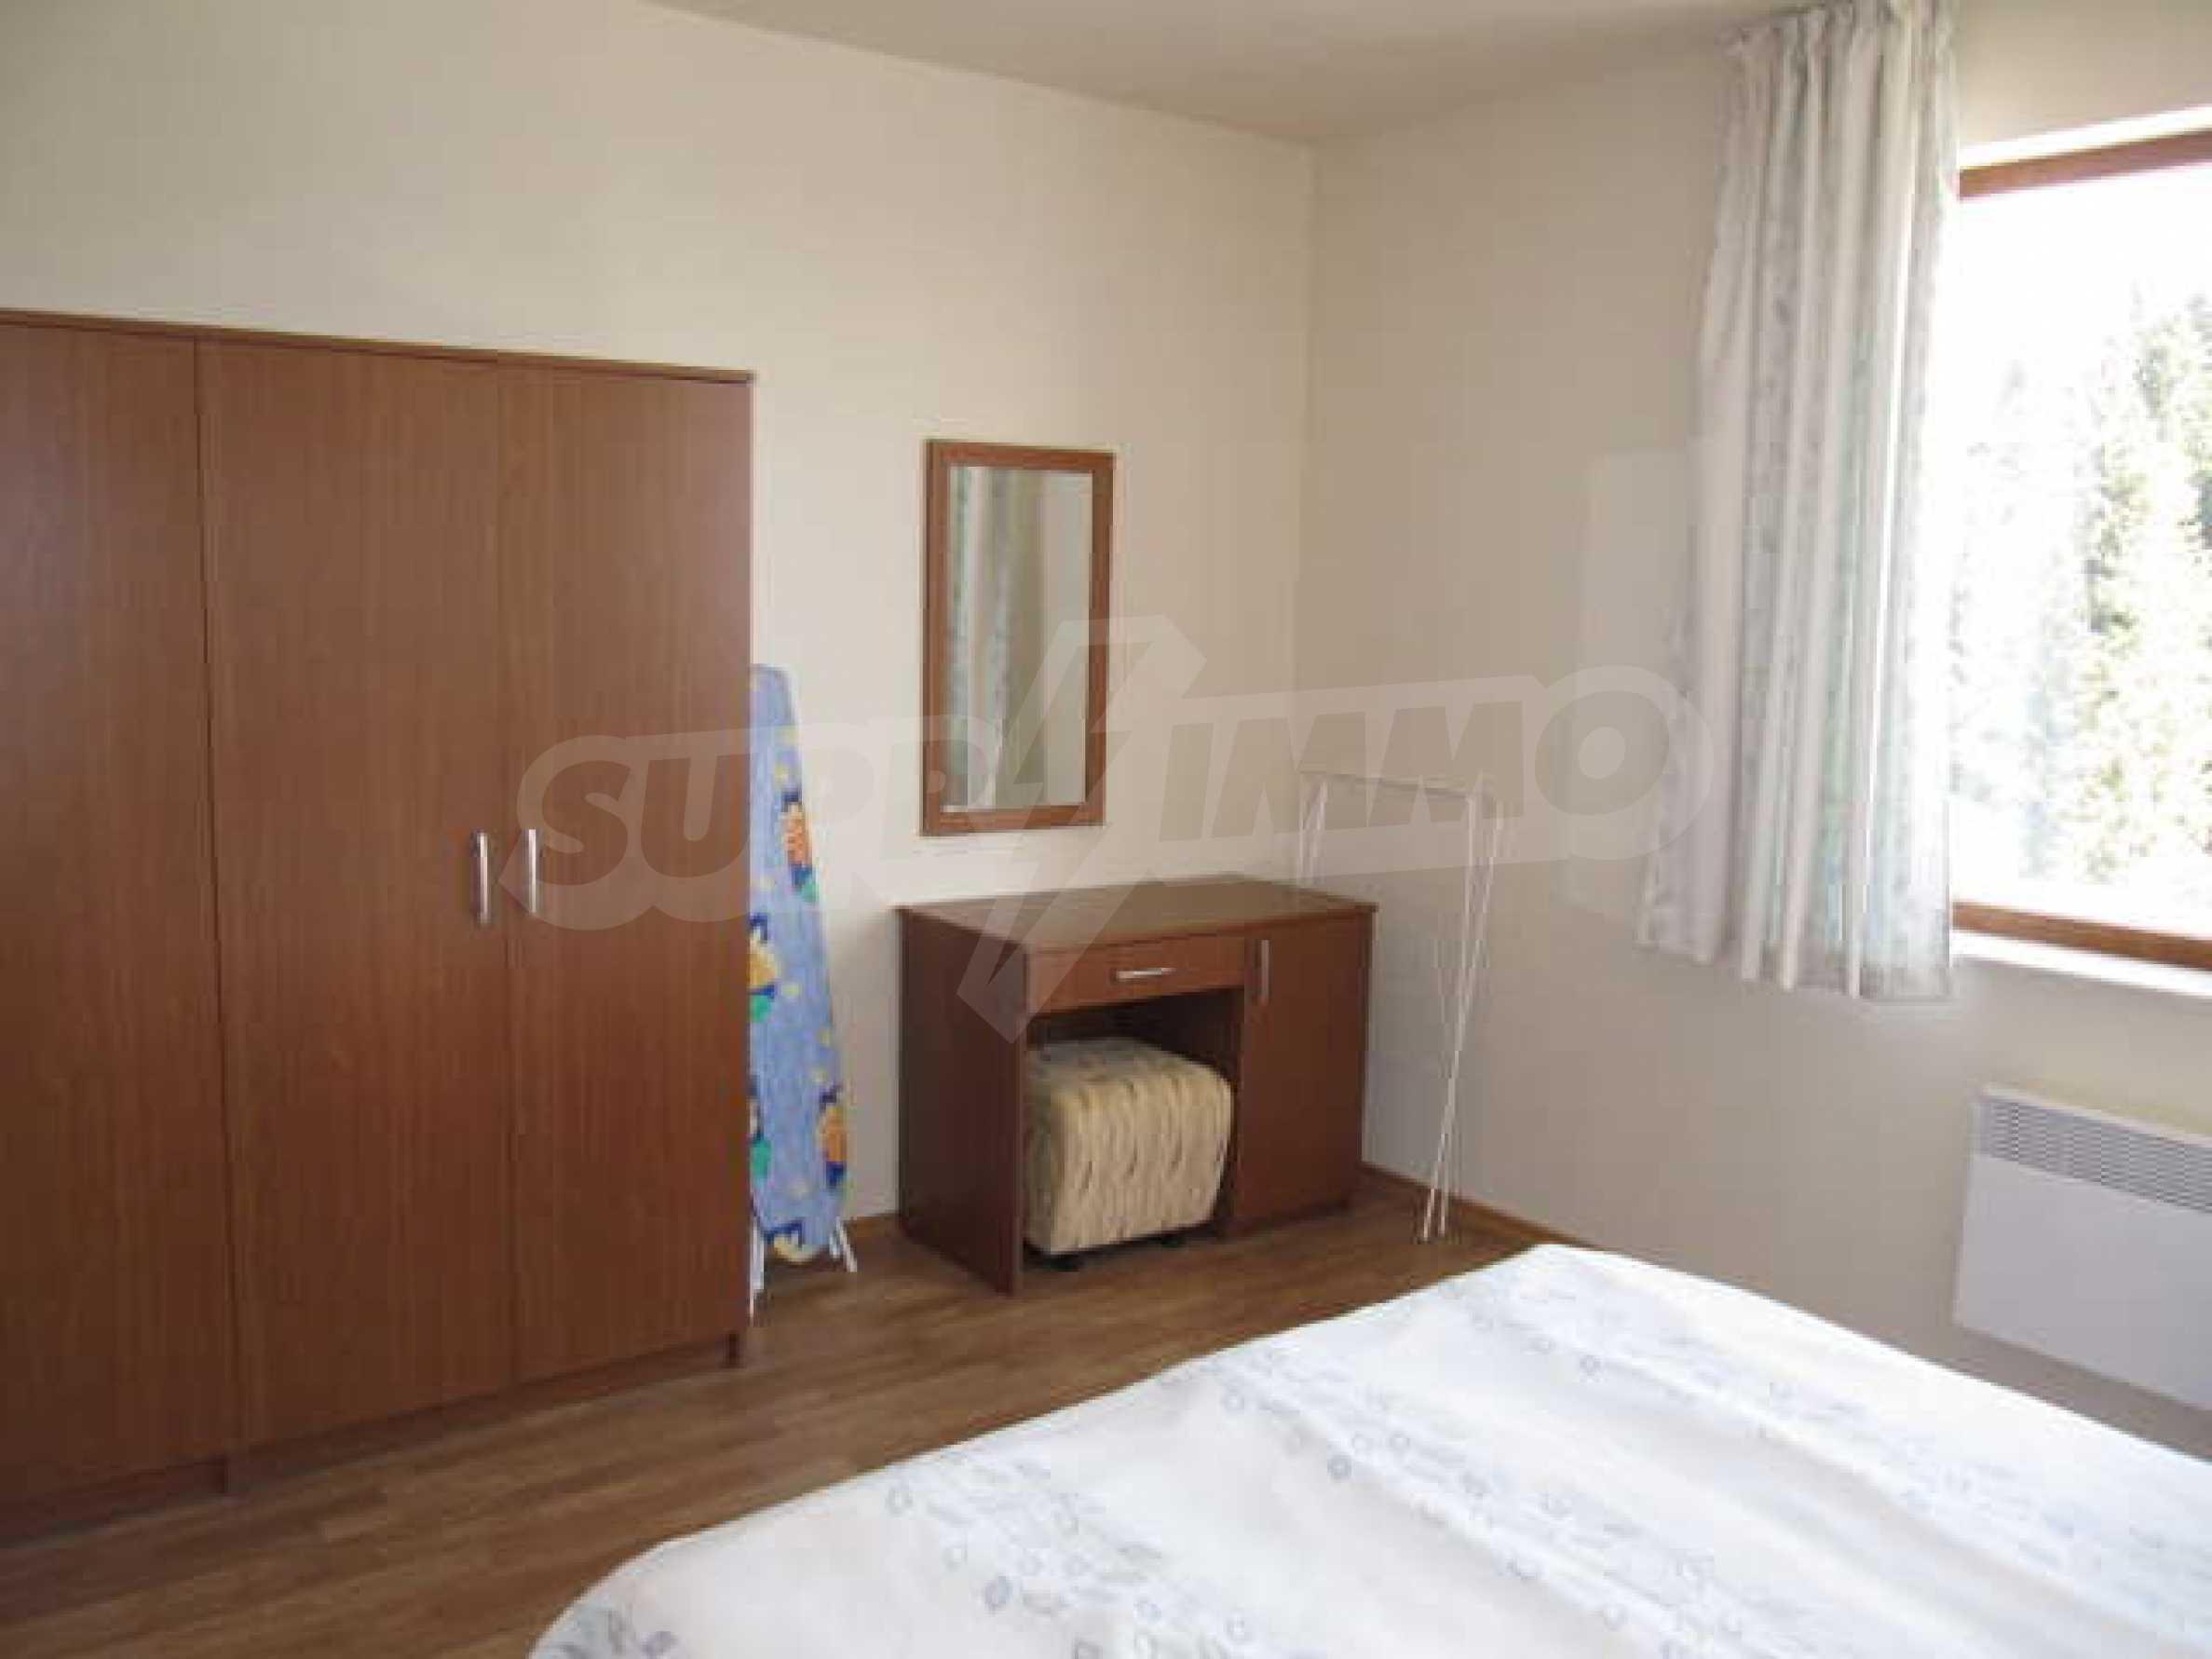 Komplett eingerichtete und ausgestattete Wohnung im Lucky-Komplex in Pamporovo 9